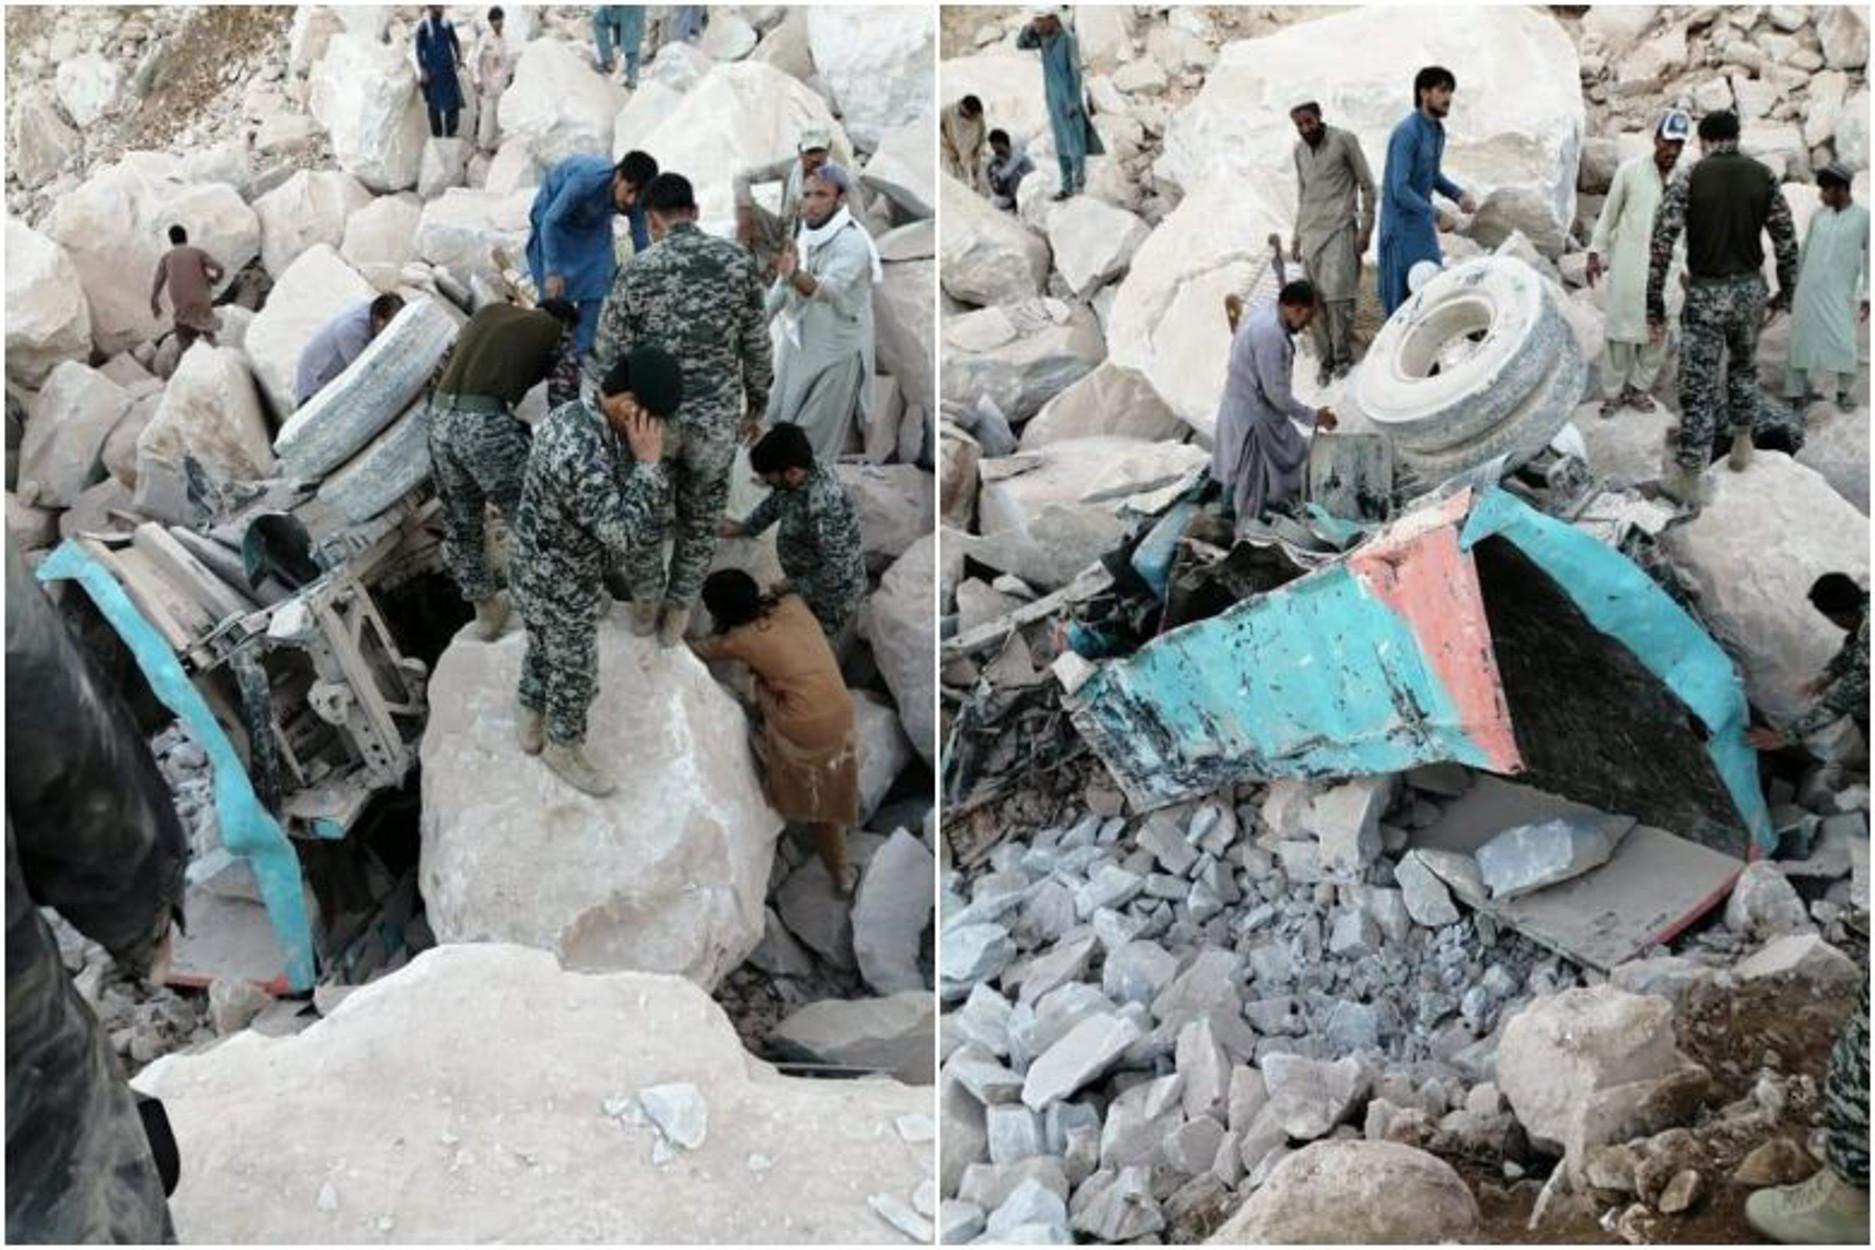 Πακιστάν: Τραγωδία! 17 νεκροί και 11 αγνοούμενοι από κατάρρευση λατομείου